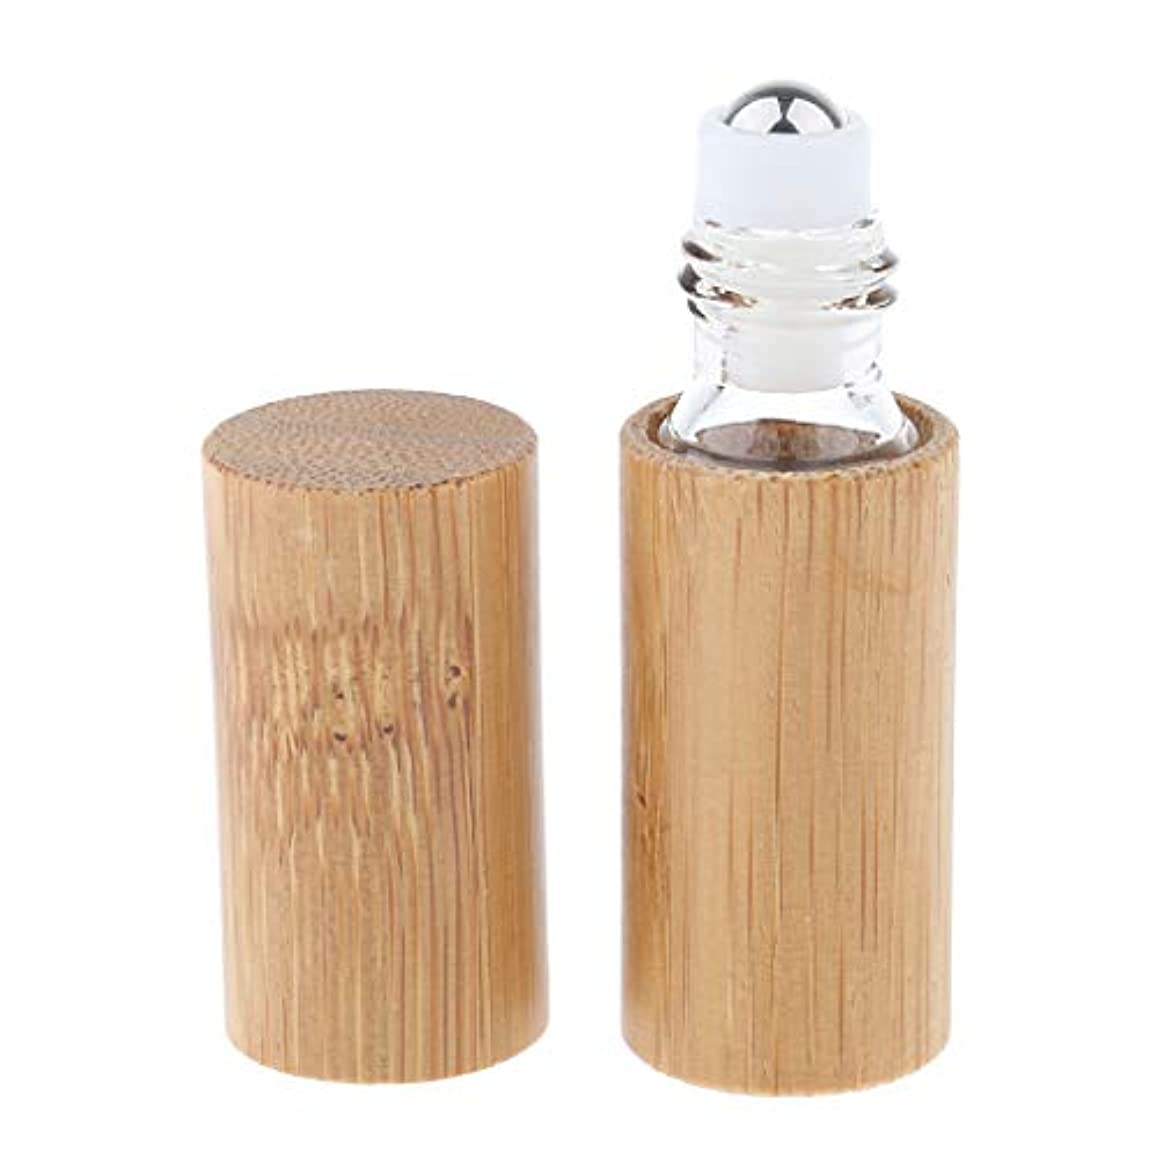 キャンディーしおれた細分化するIPOTCH アロマボトル 保存容器 天然竹 エッセンシャルオイル 香水 保存用 詰め替え ローラーボール 手作り